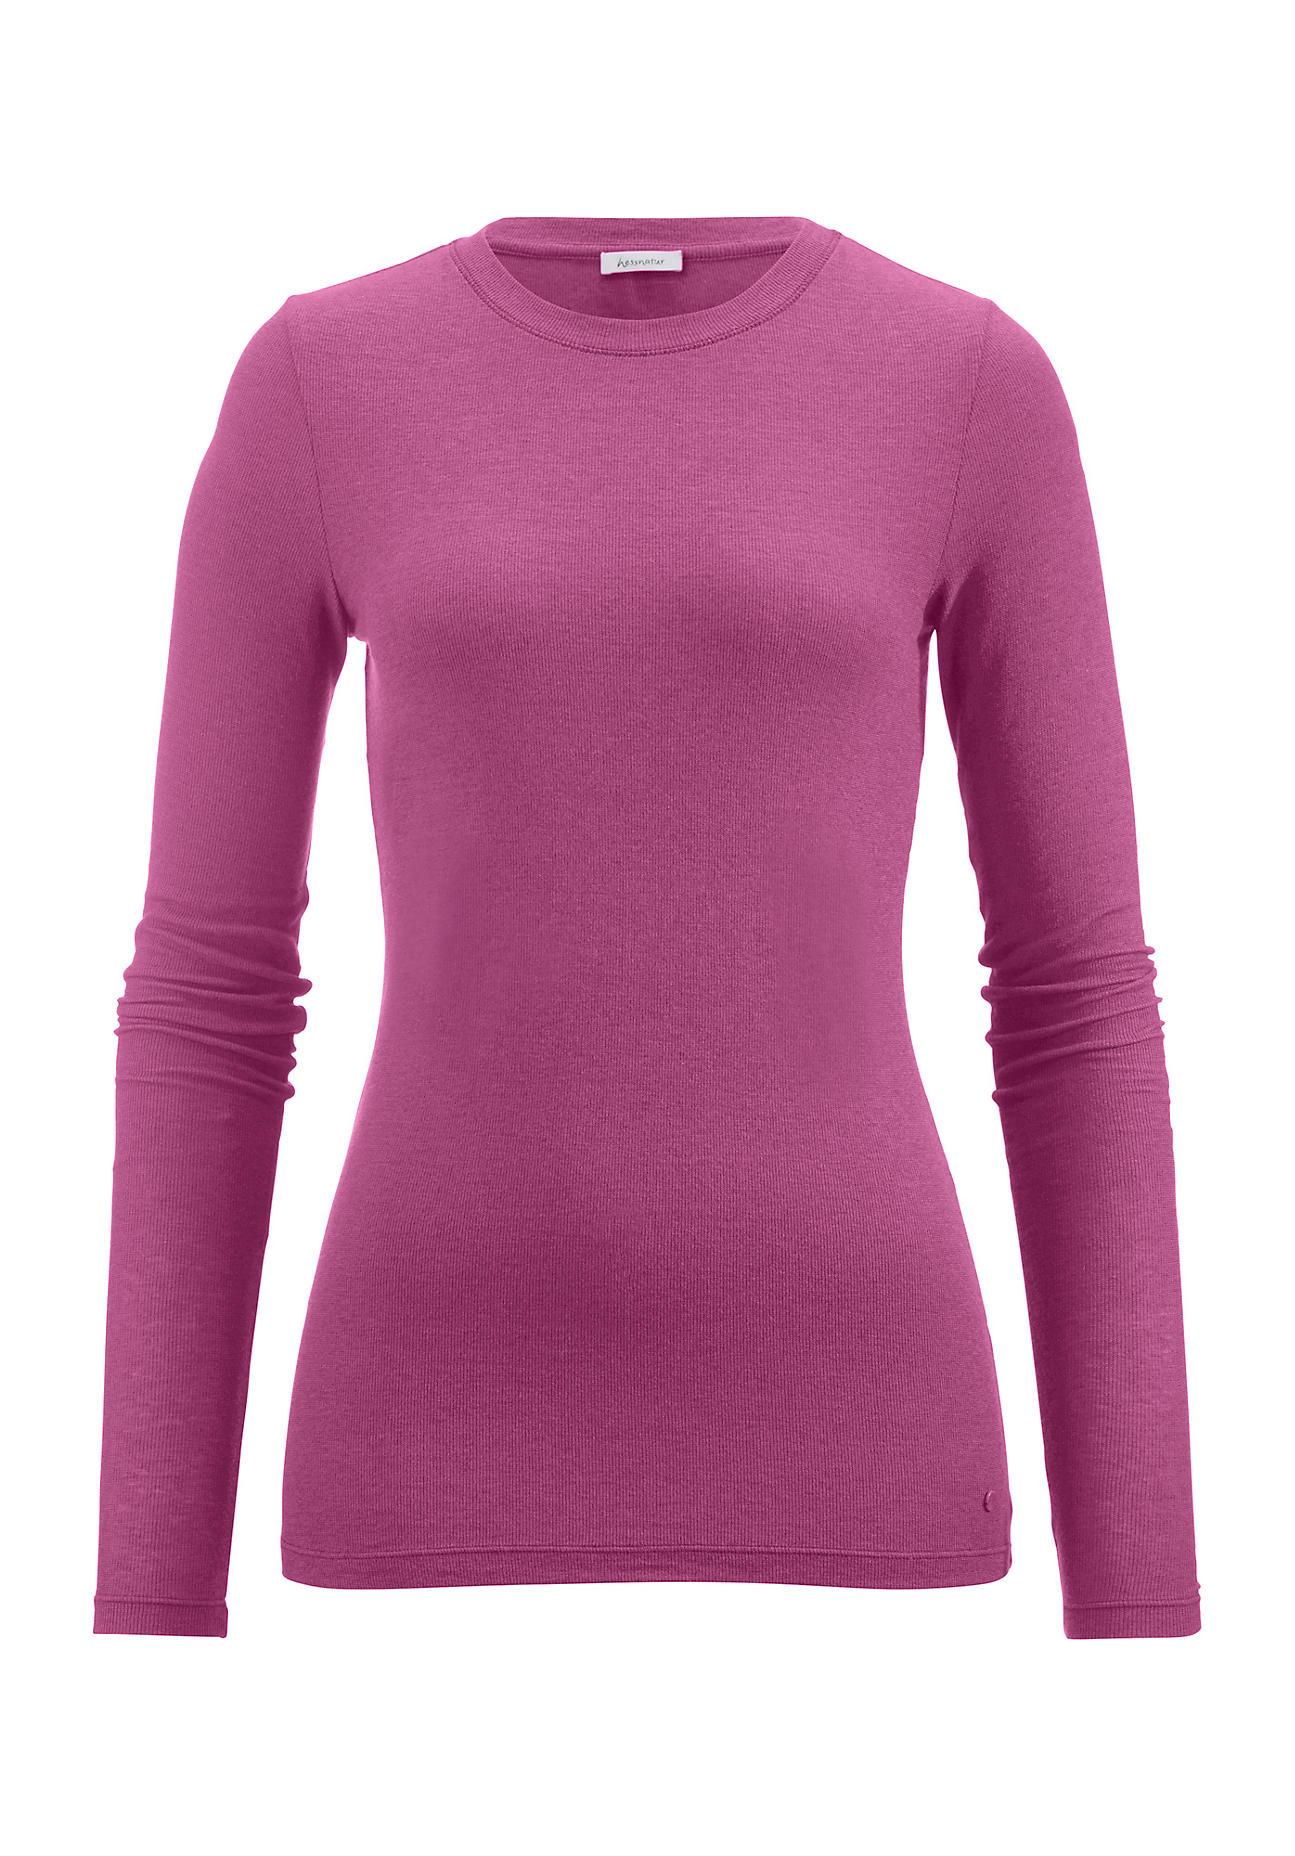 hessnatur Damen Langarm Shirt aus Modal mit Schurwolle – lila – Größe 38